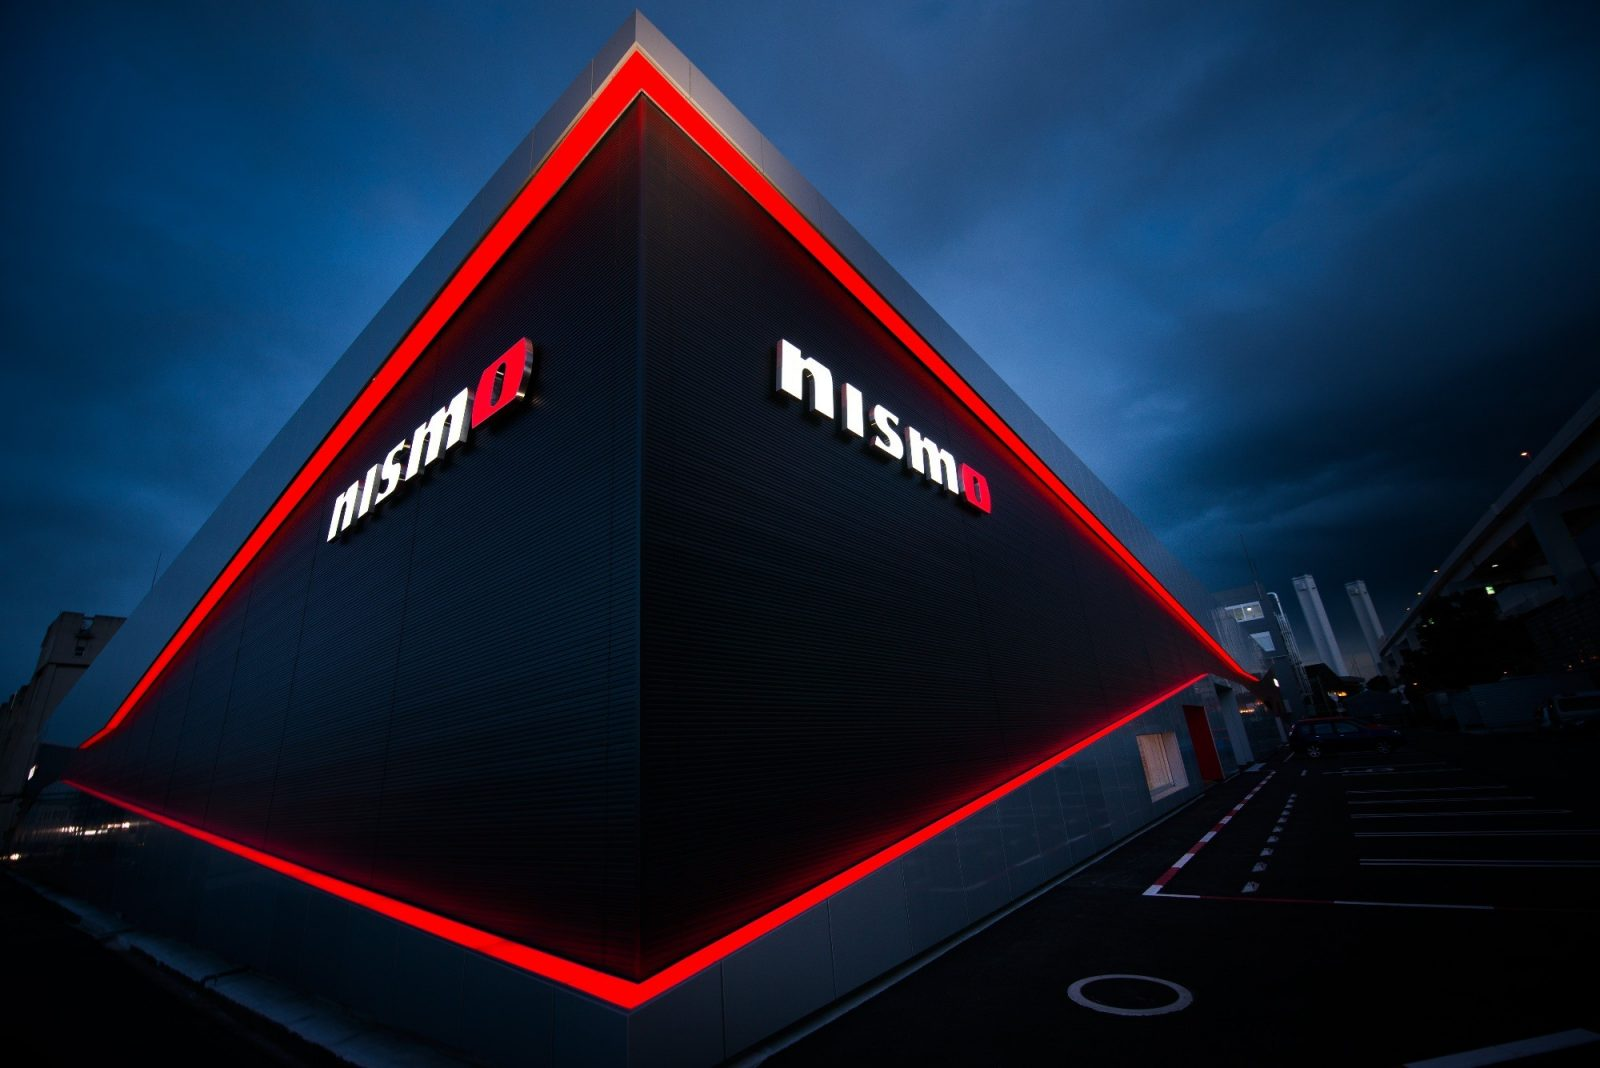 New Nismo HQ